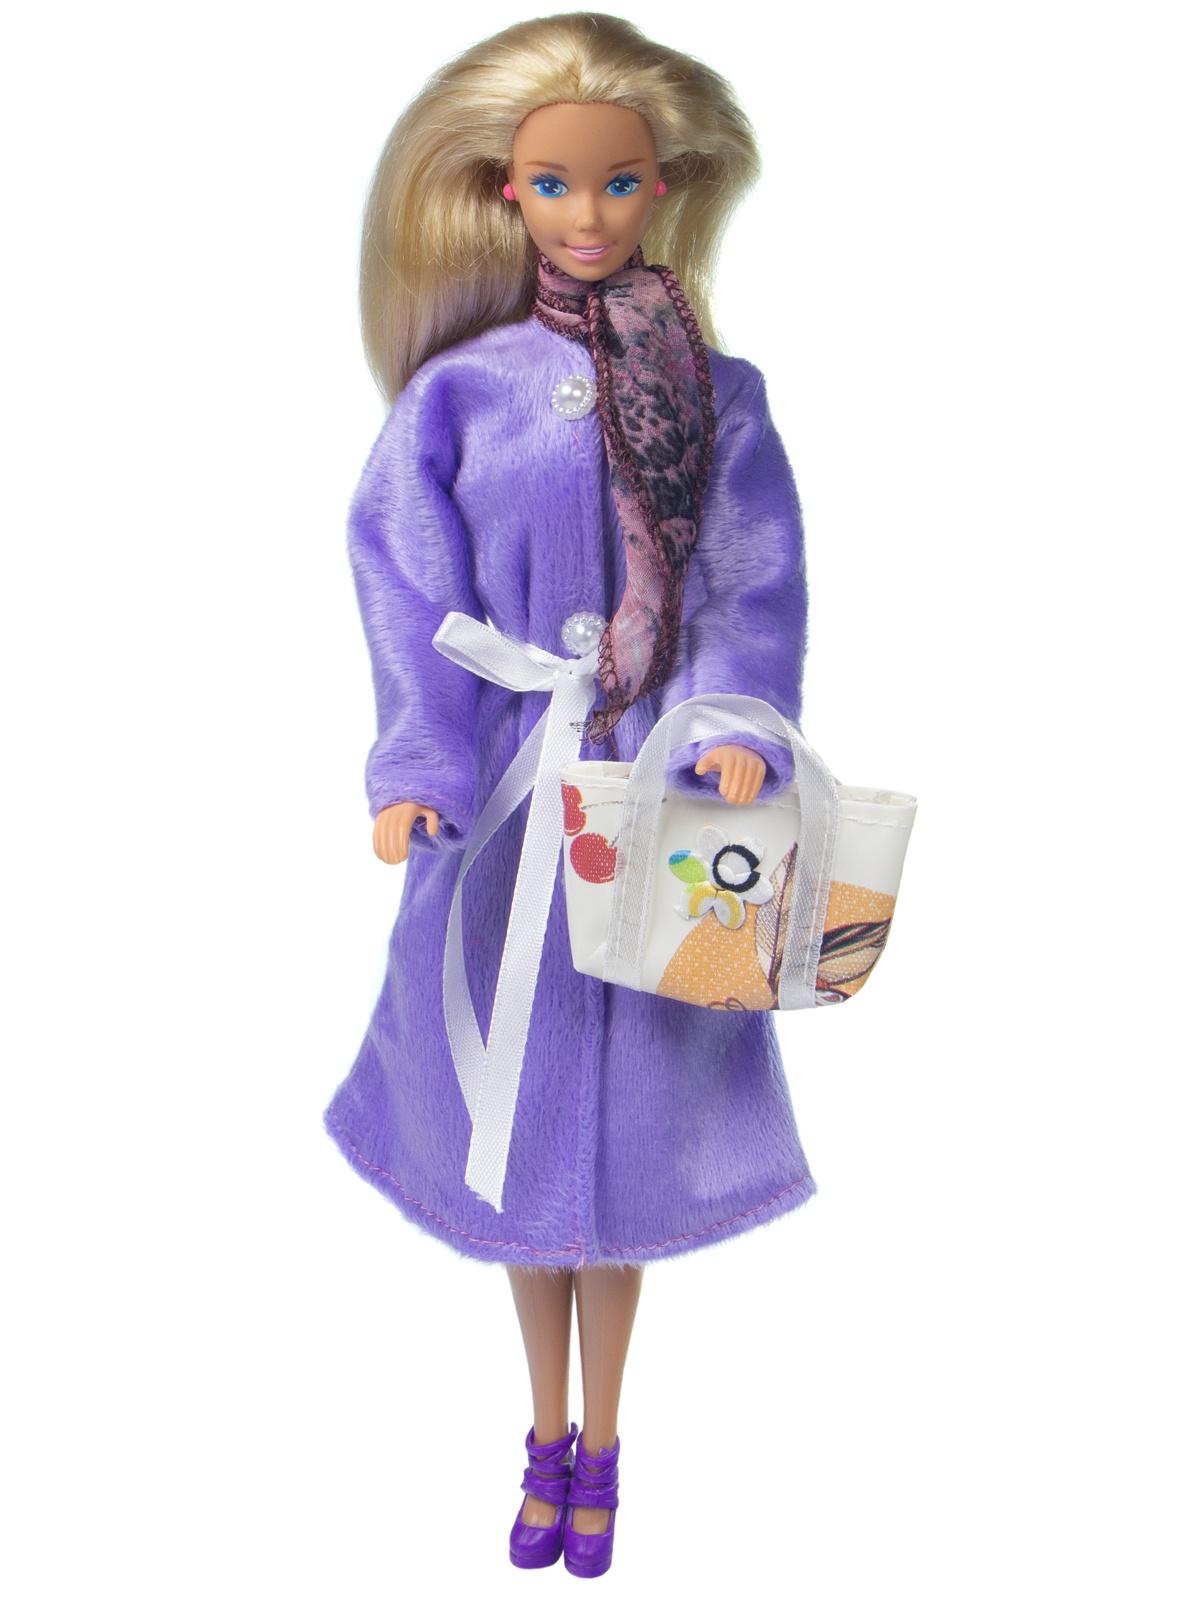 Одежда для кукол Модница Демисезонное пальто для кукол 29 см сиреневый